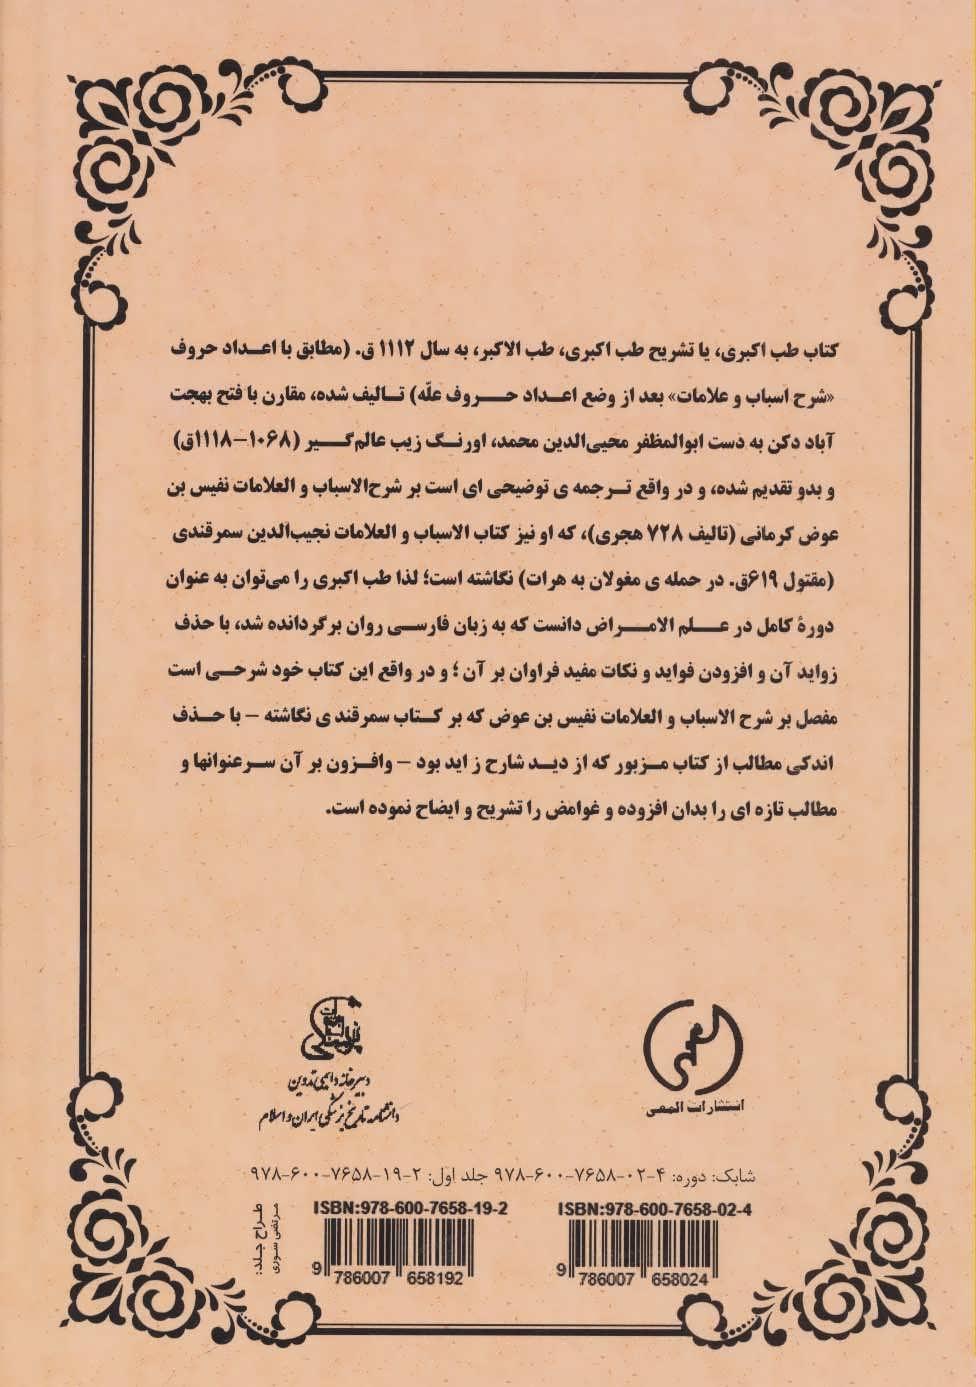 طب اکبری (ترجمه شرح الاسباب والعلامات)،(2جلدی)